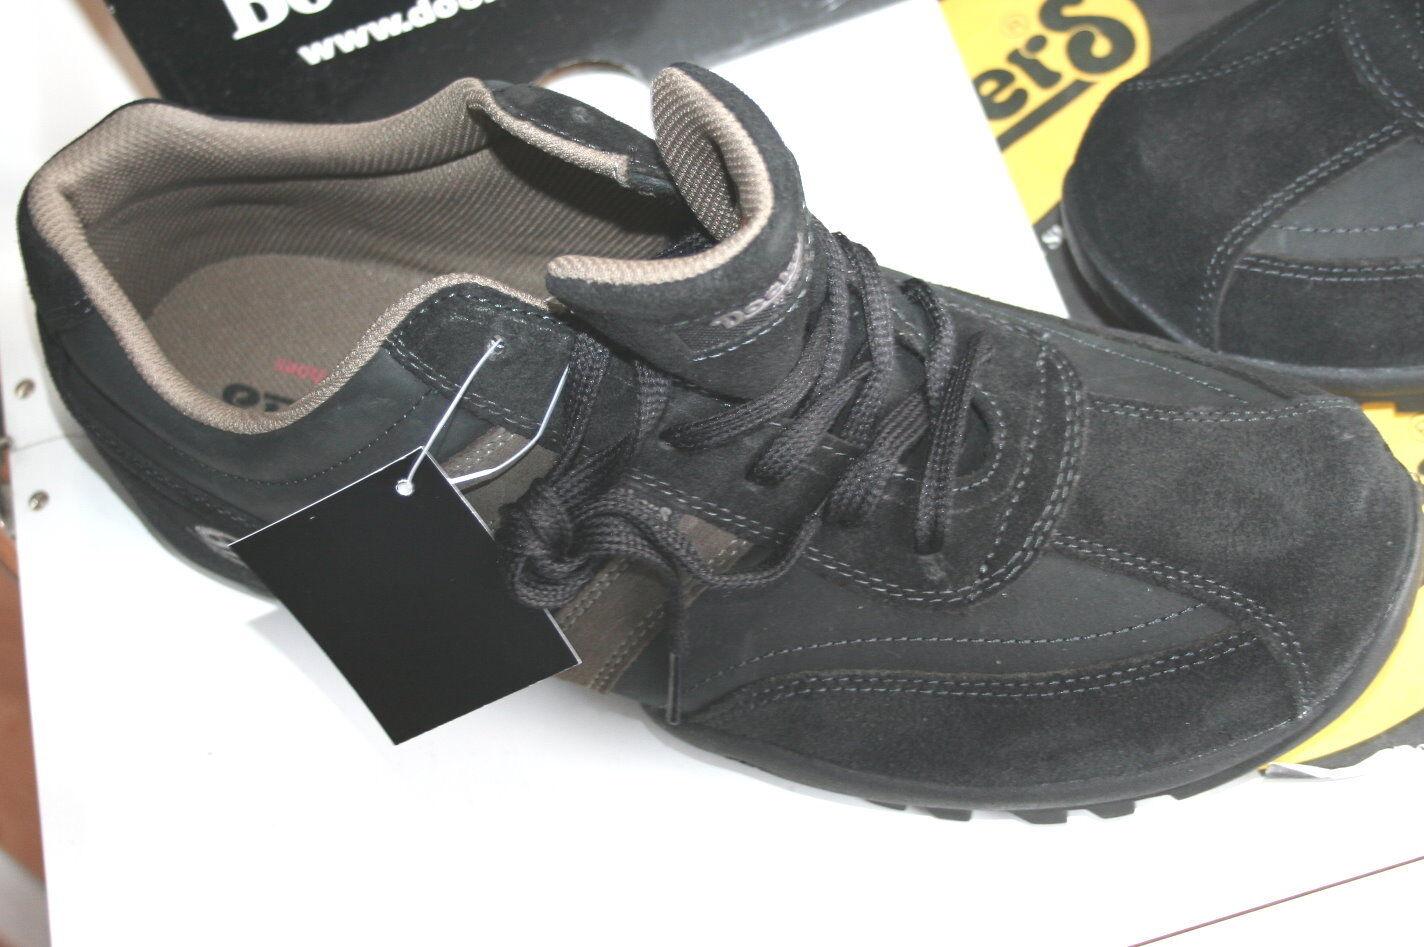 DOCKERS   BAVARIANSTYLE MOKASSIN  Neu  black/asfalt   echt Leder 46 30b280